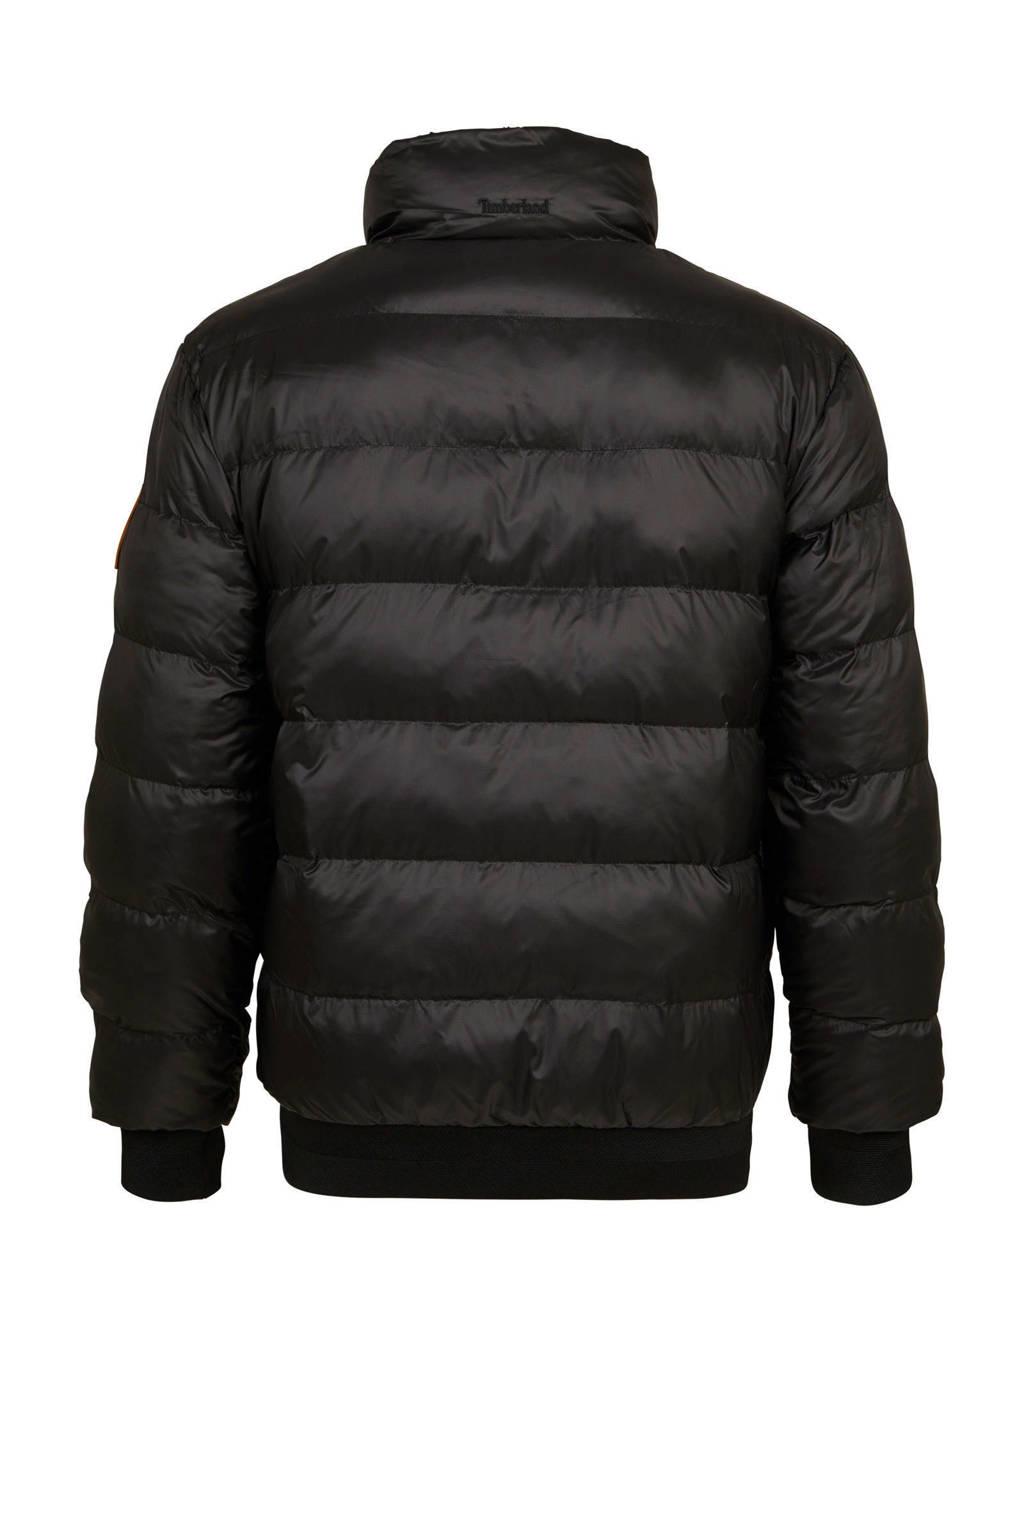 Timberland  jas zwart, Zwart